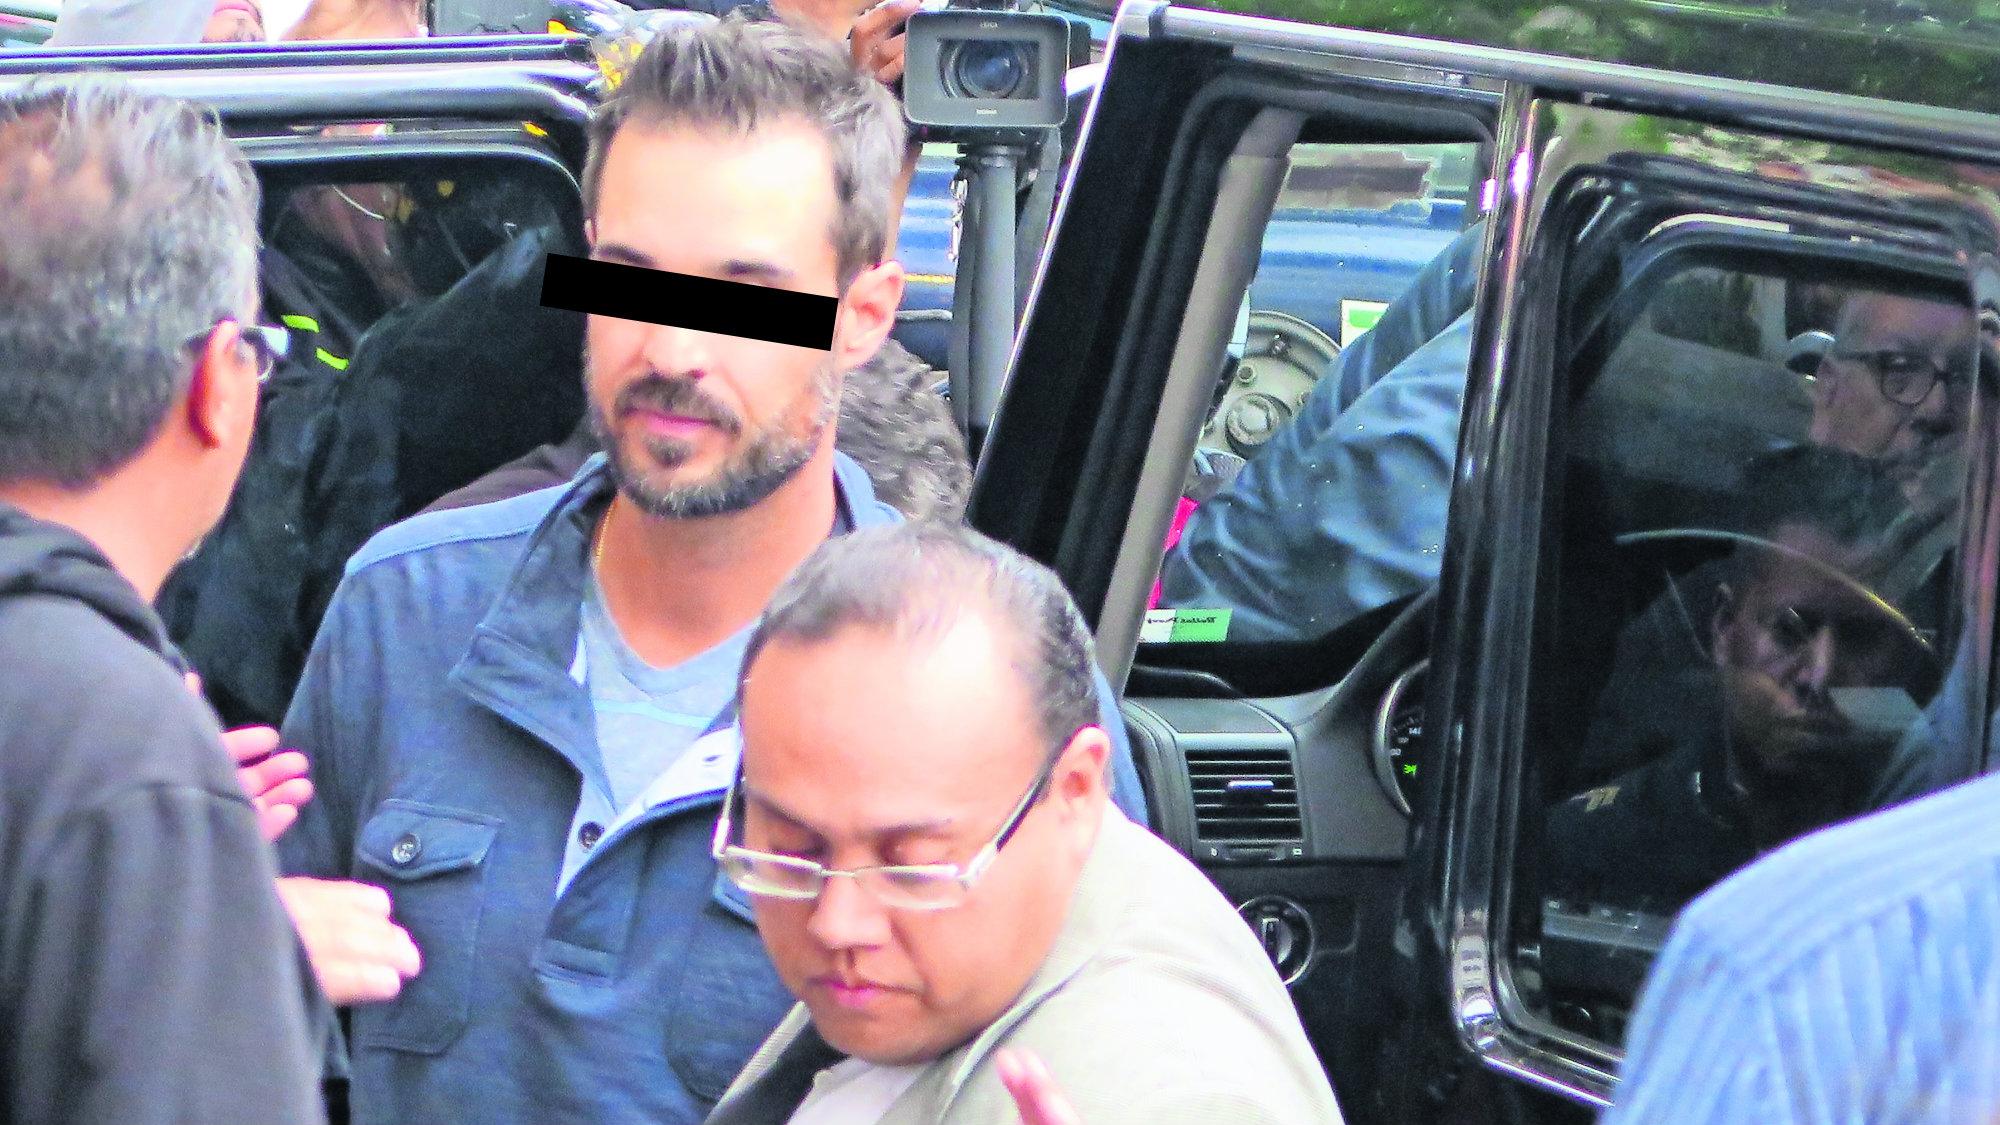 Dos hombres apuntan a policías y se atrincheran en camioneta blindada en CDMX